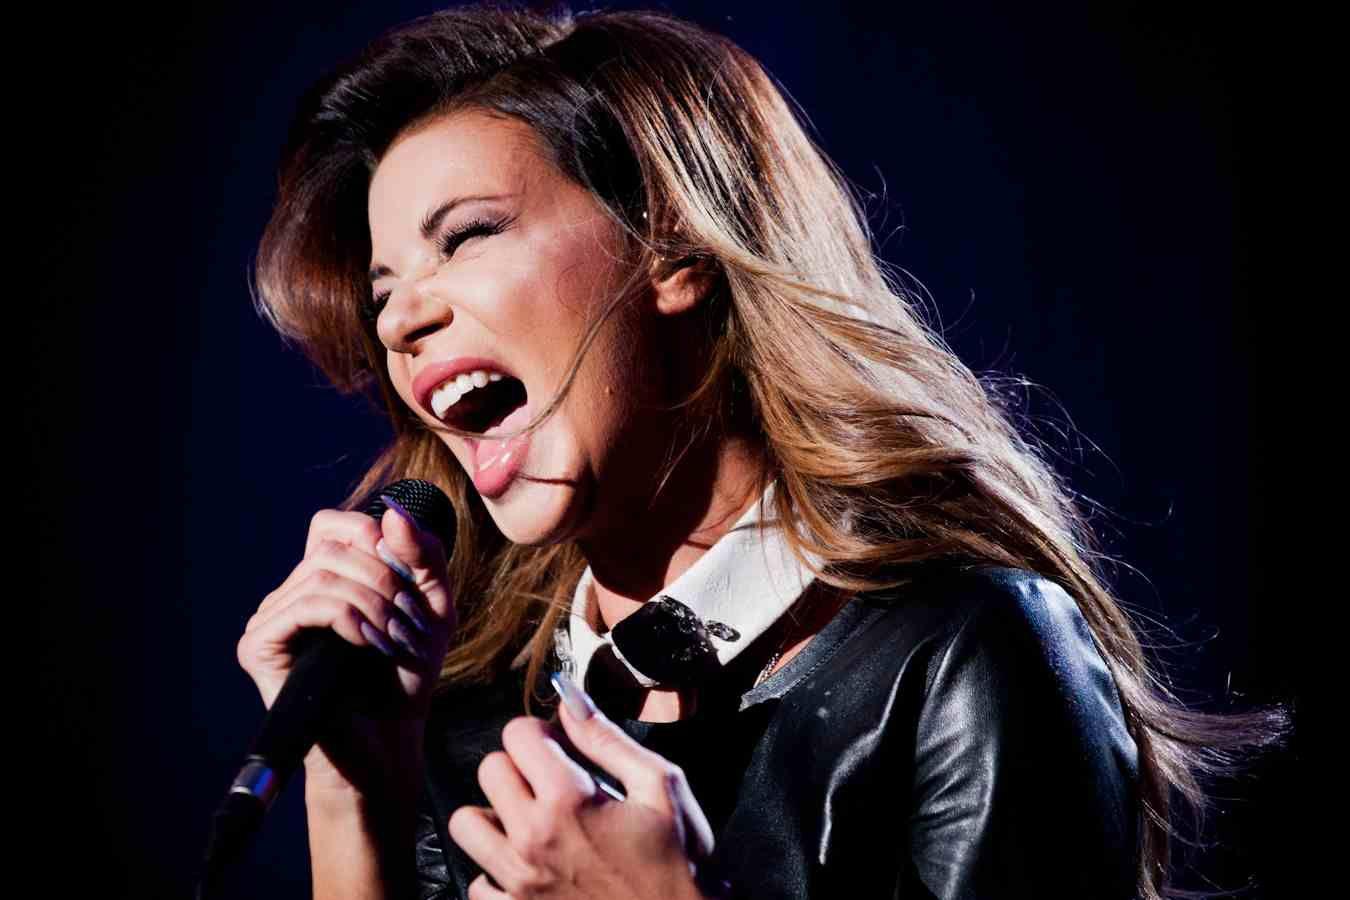 eurovision celine dion france